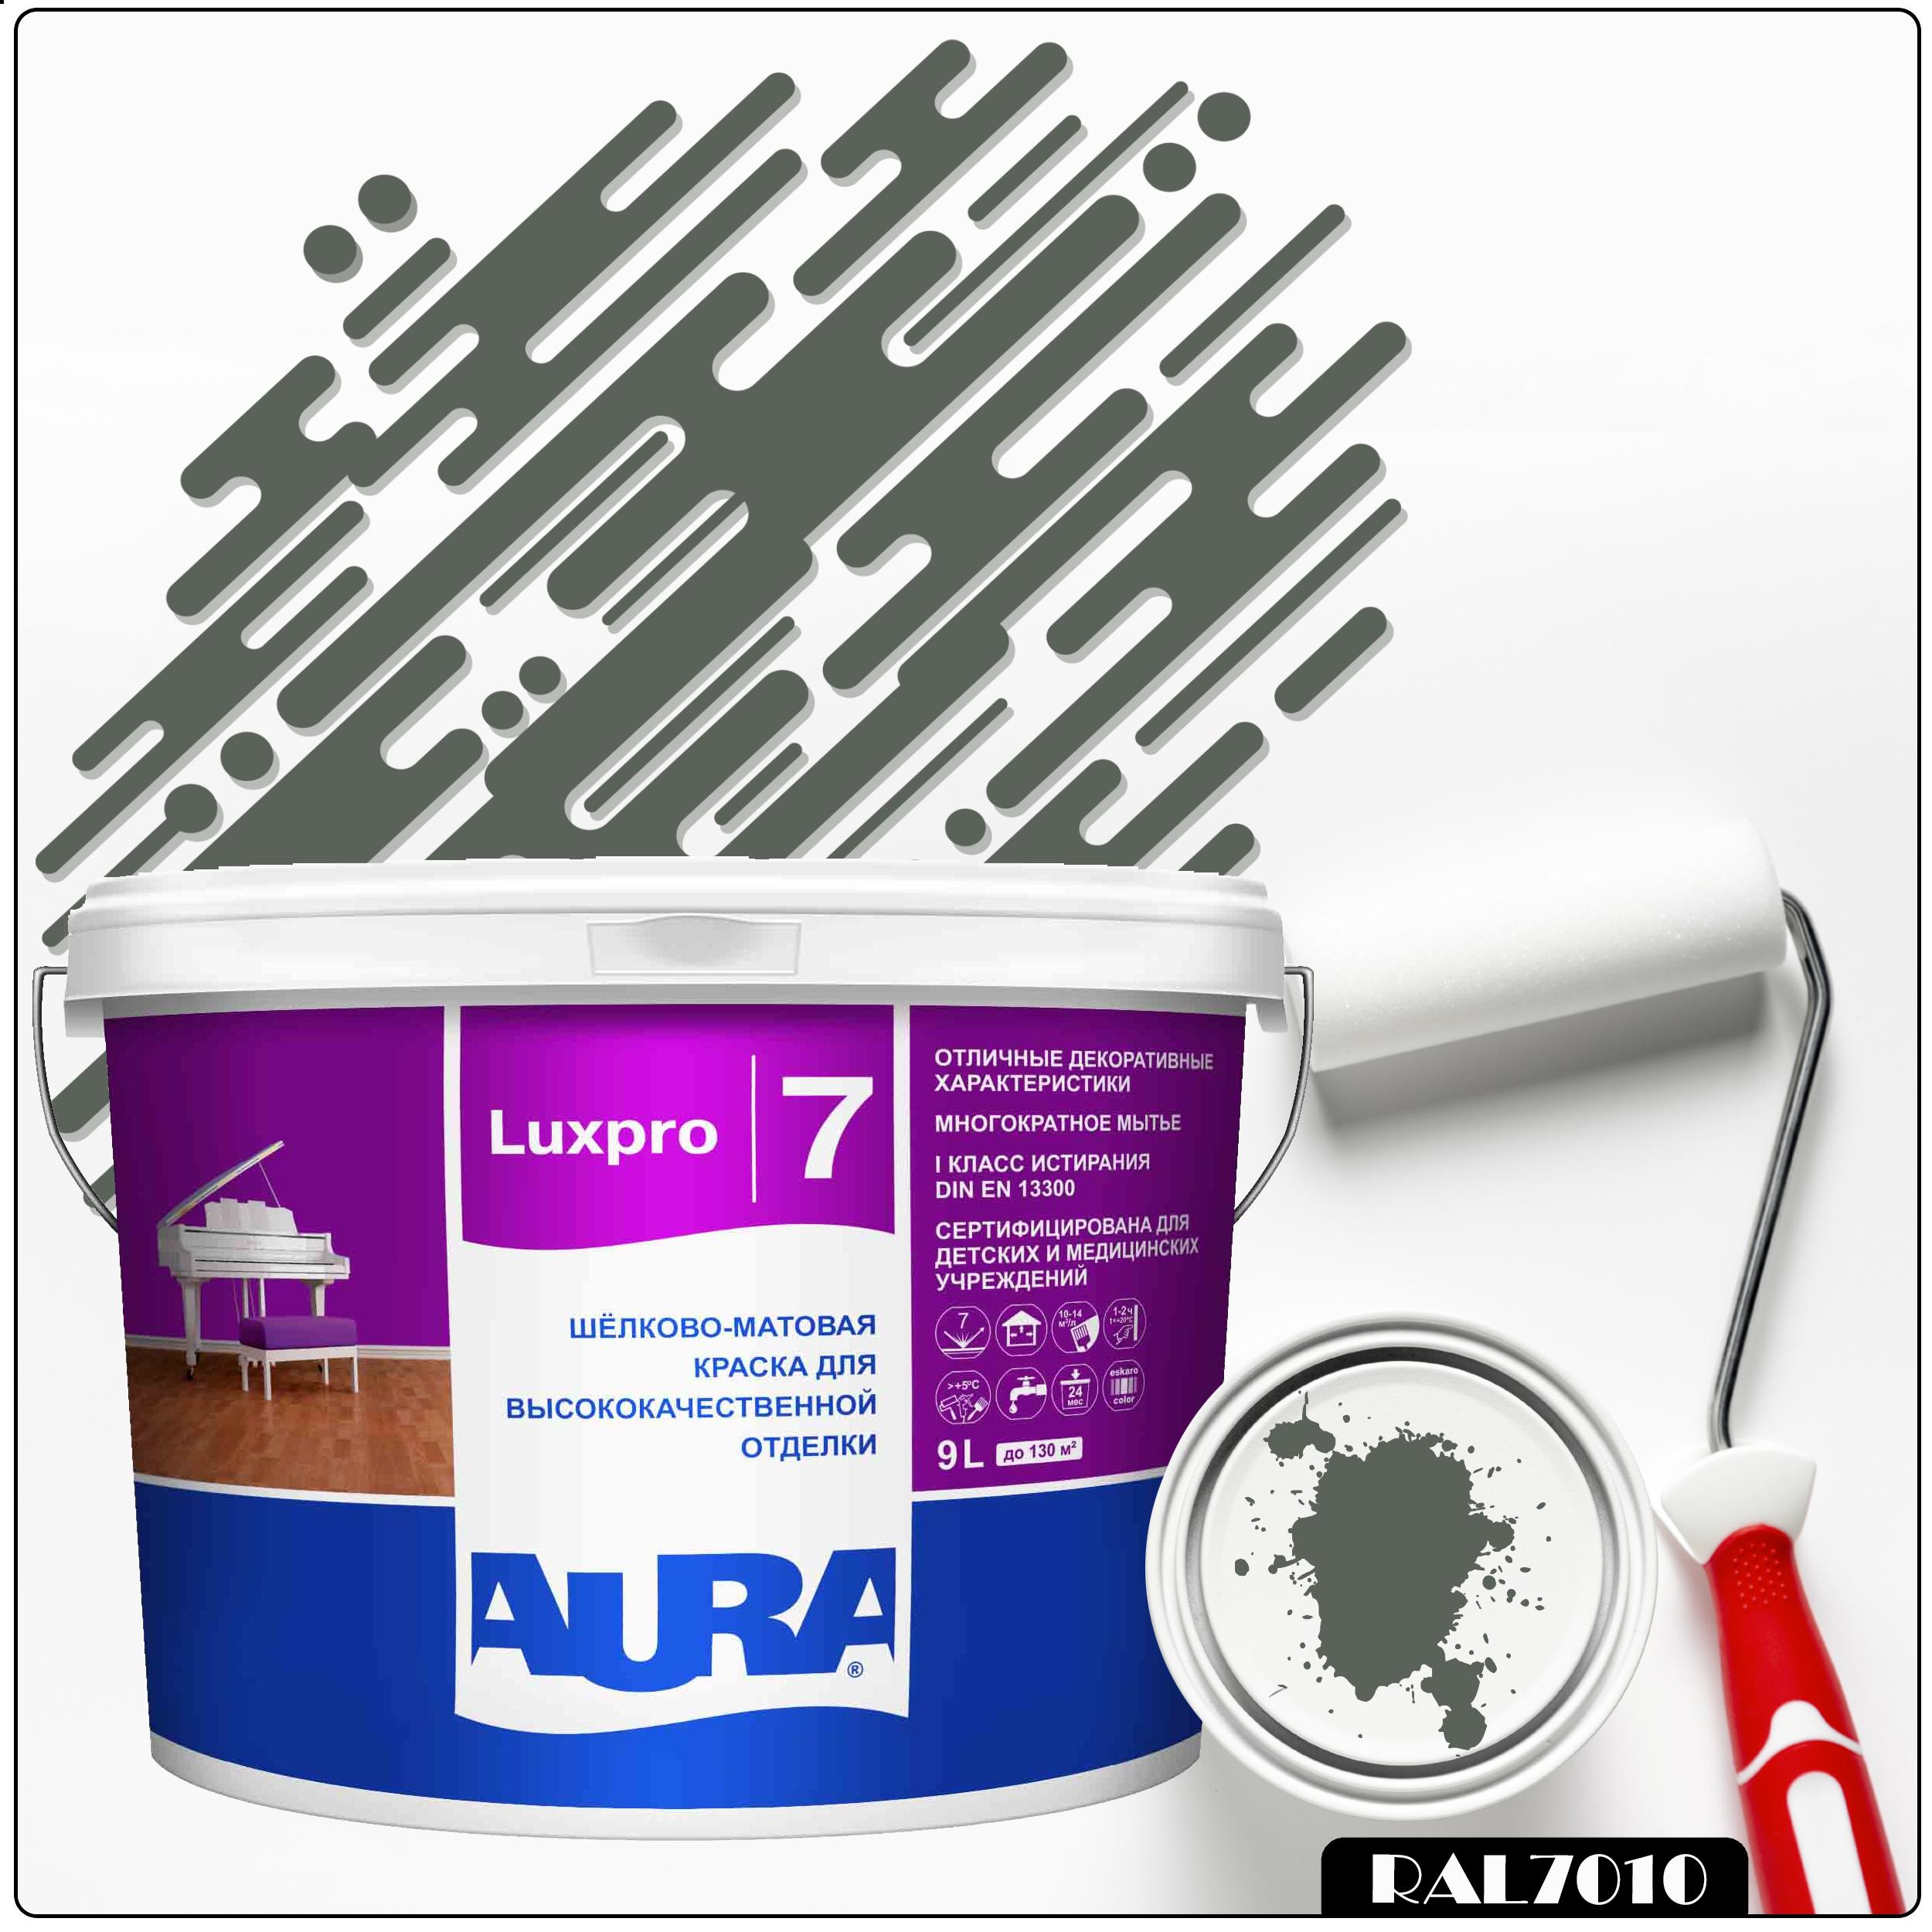 Фото 10 - Краска Aura LuxPRO 7, RAL 7010 Серый брезент, латексная, шелково-матовая, интерьерная, 9л, Аура.